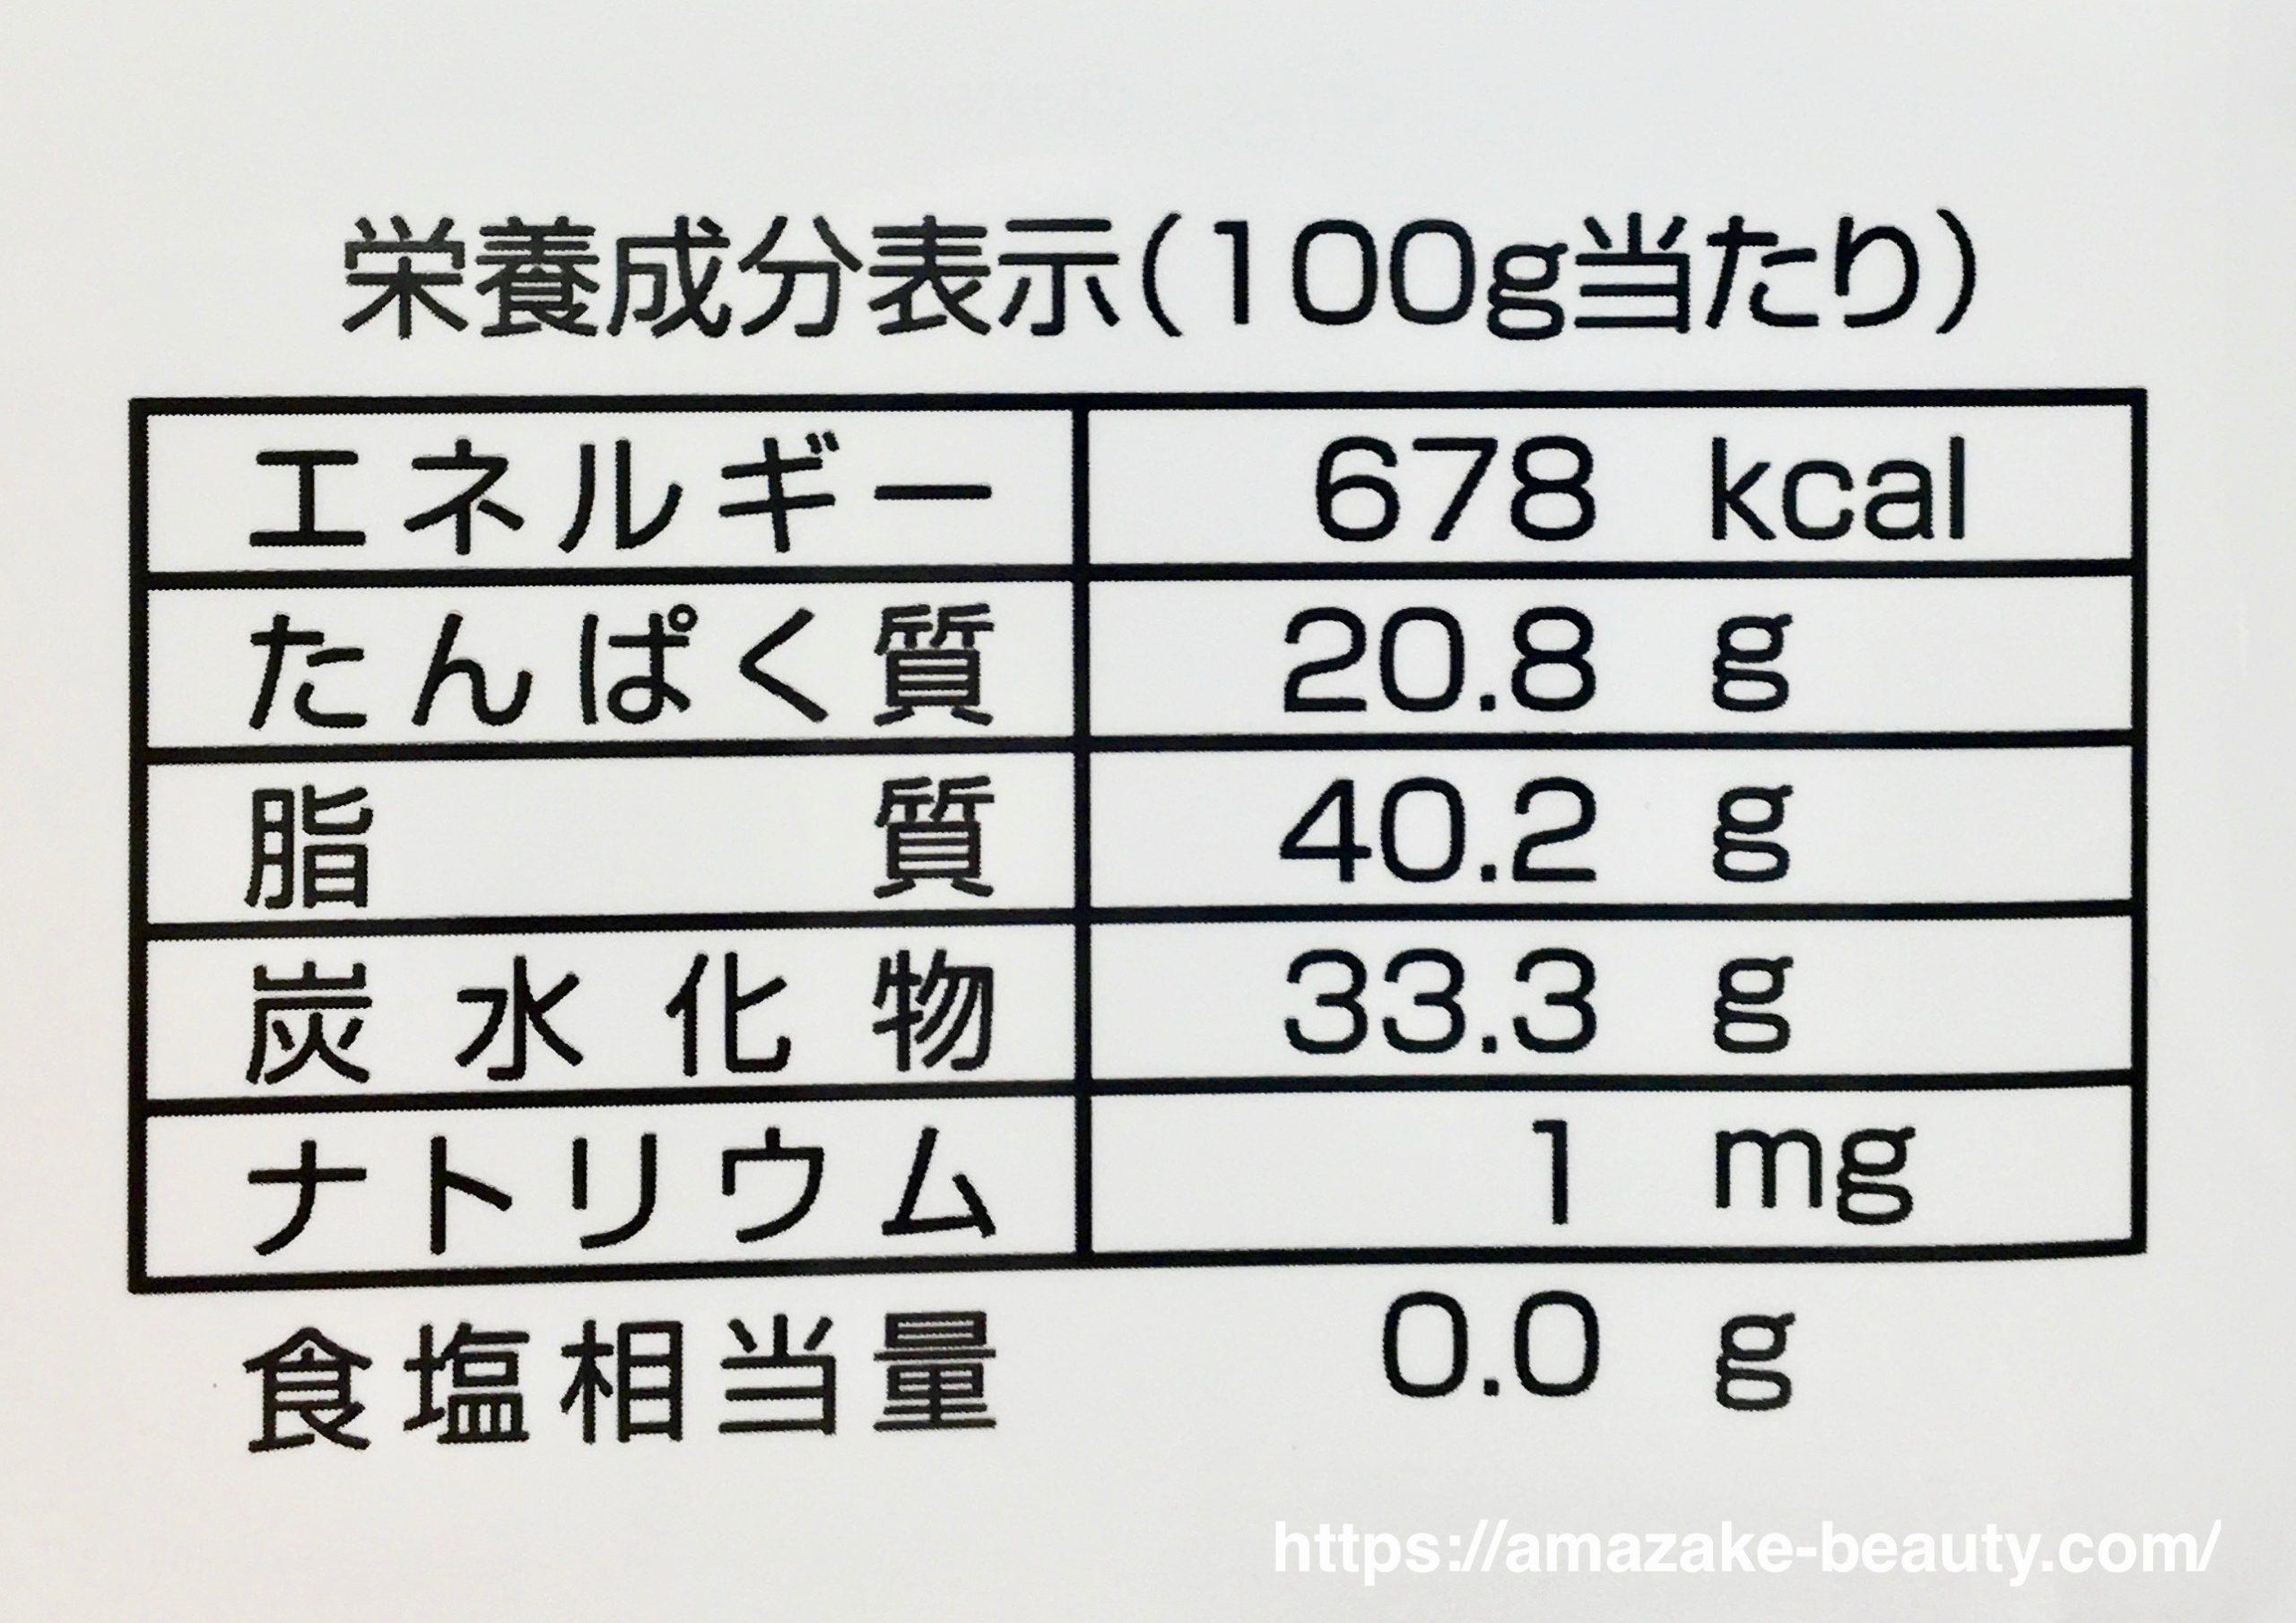 【甘酒甘味】ケイ・エス『甘酒アーモンド』(栄養成分表示)